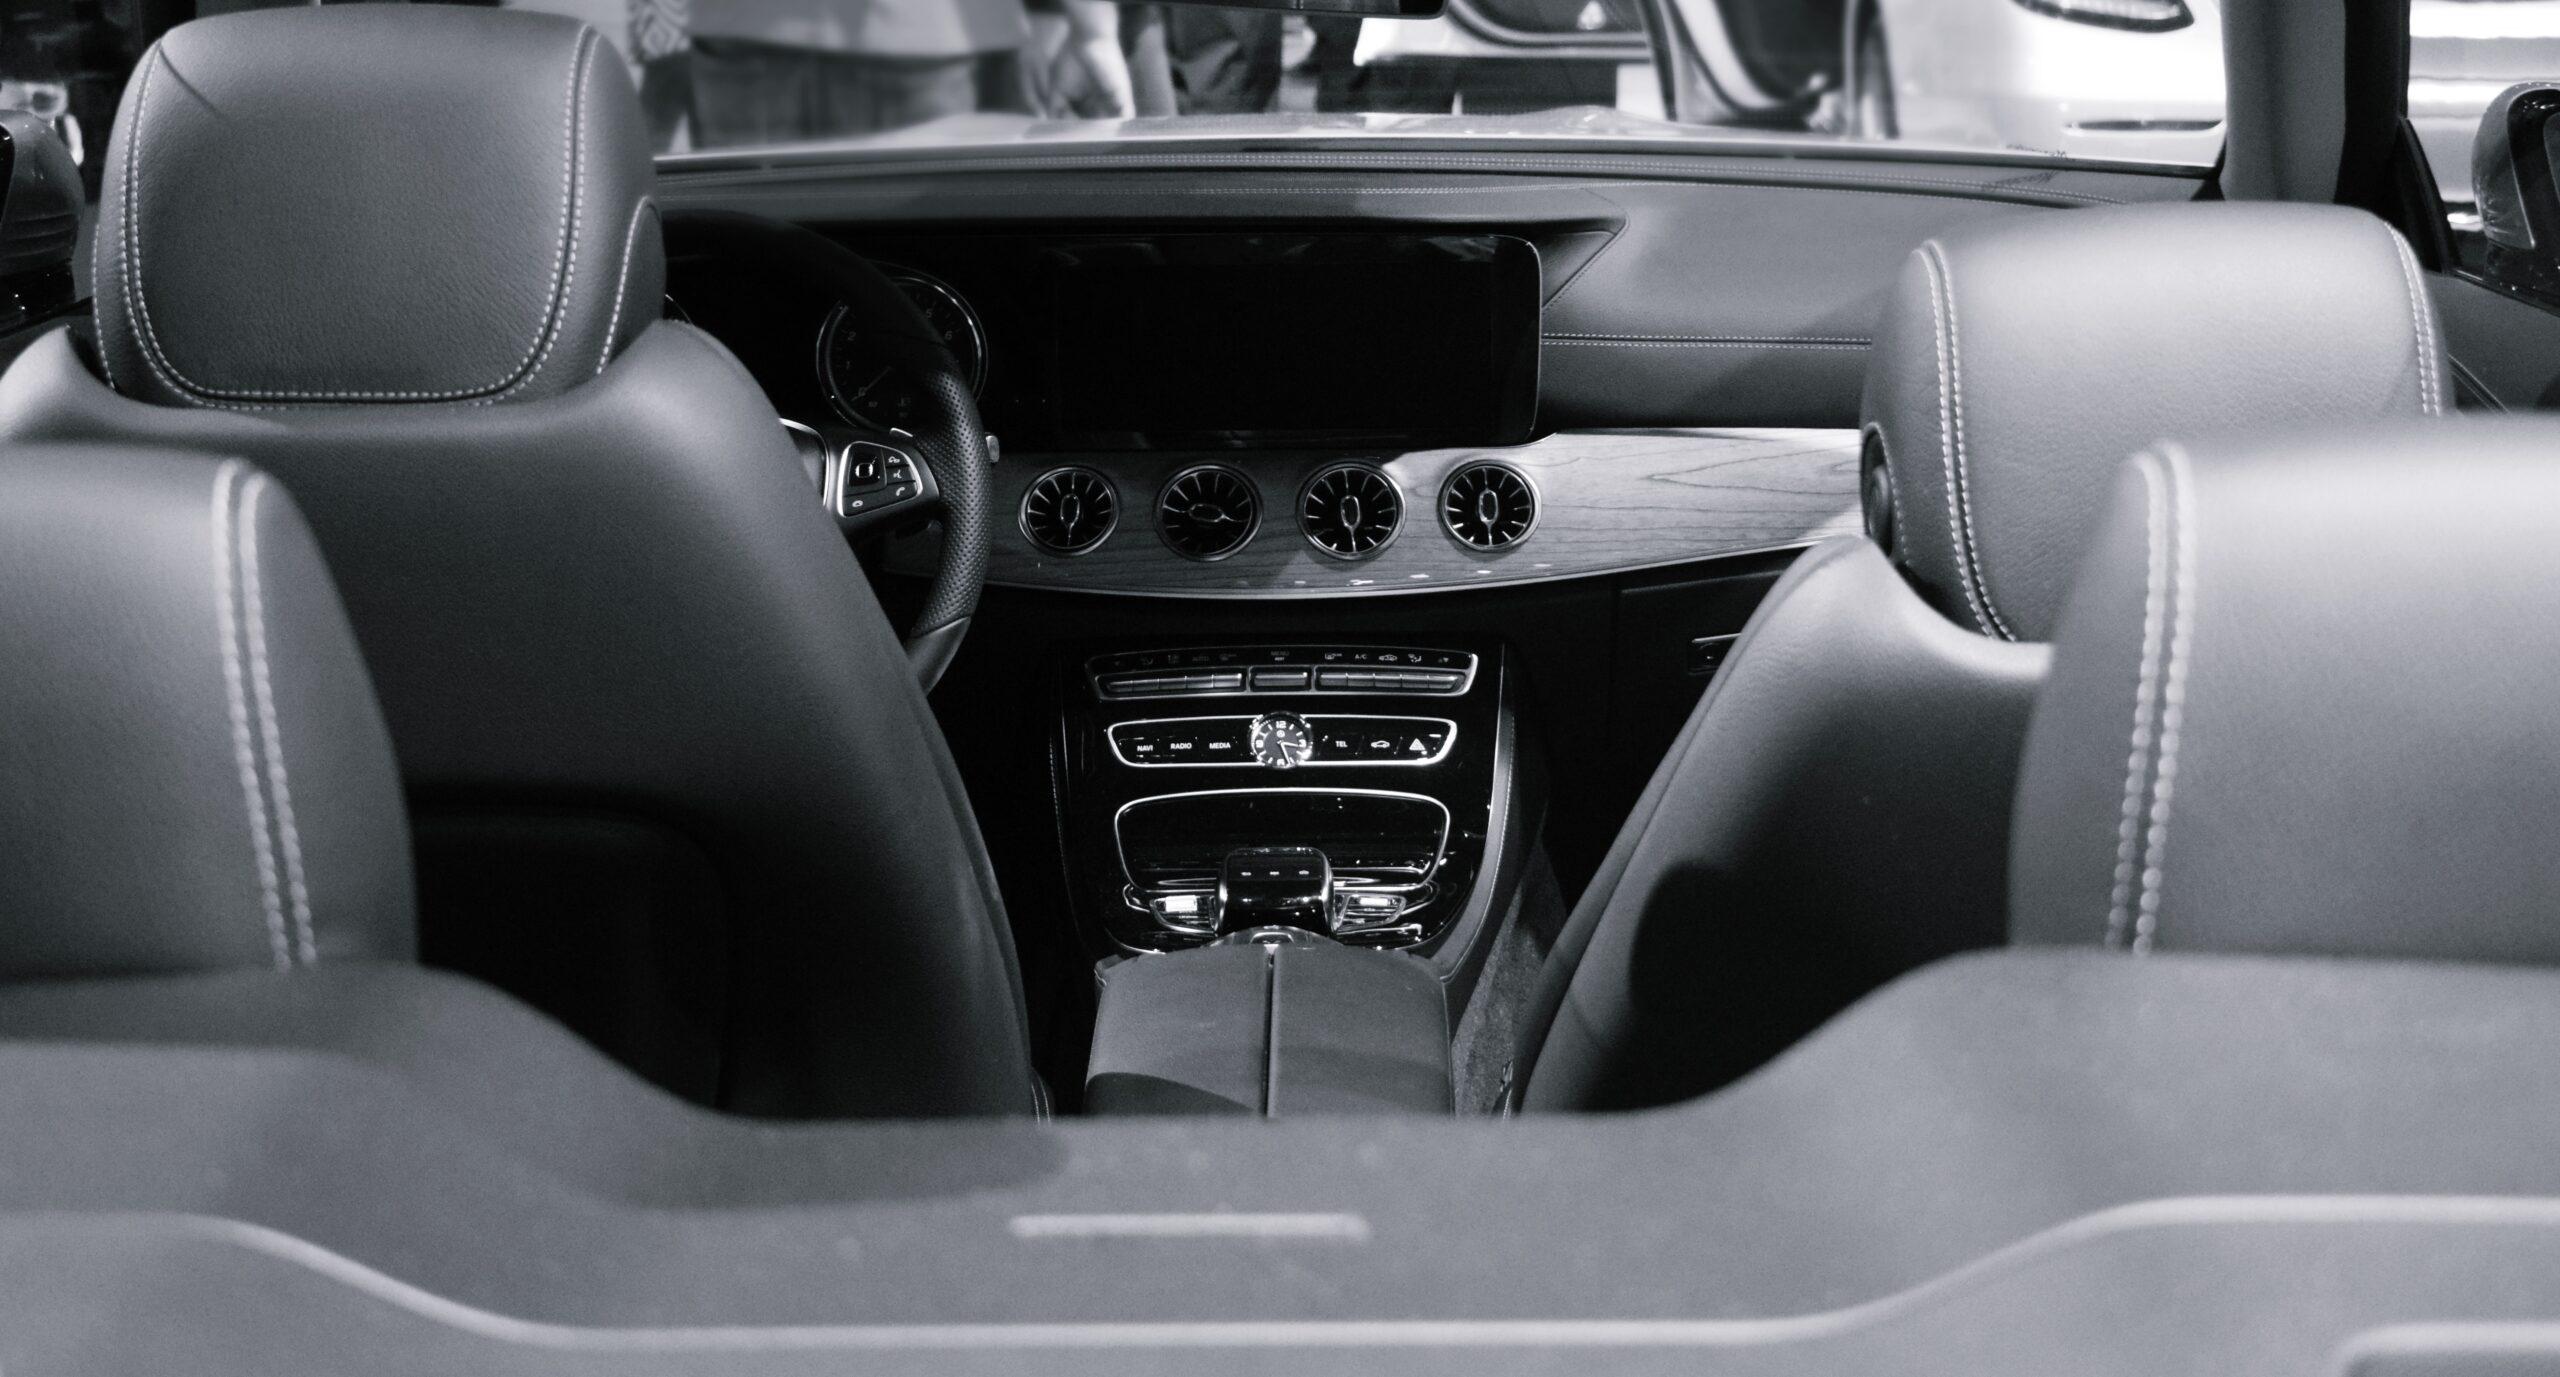 Interior de veículo com bancos de couro. Imagem ilustrativa do texto sobre lavagem ou limpeza.